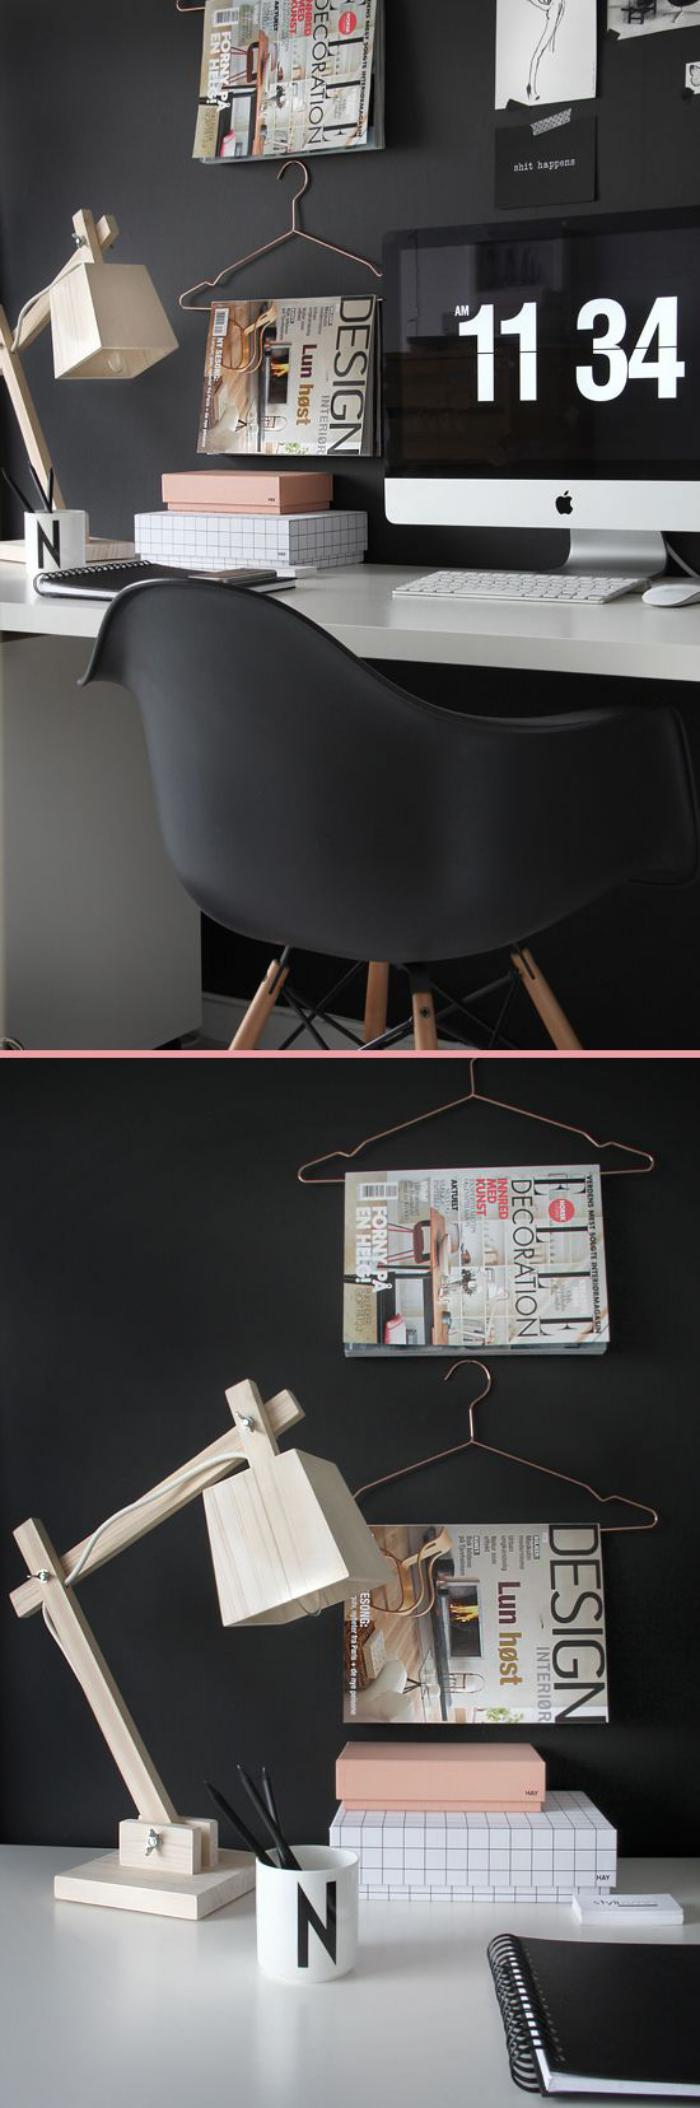 bureau-design-suspendu-en-blanc-collé-au-mur-noir